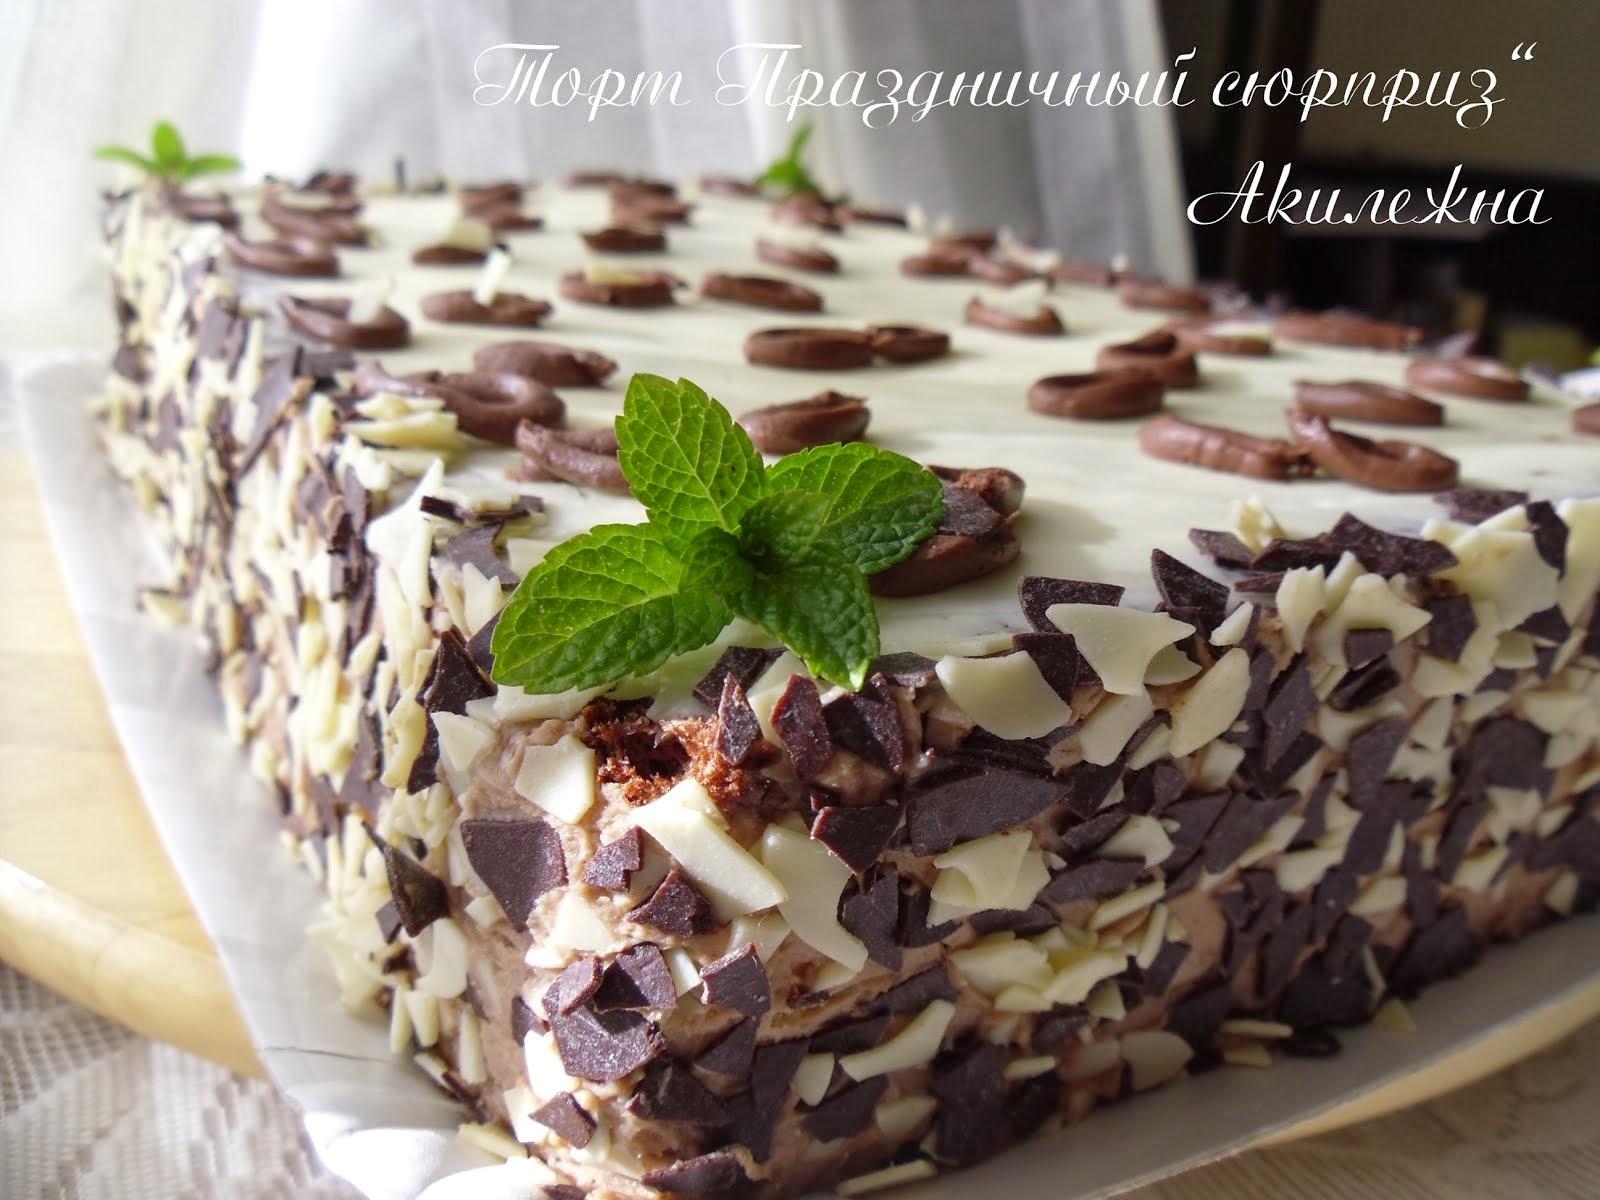 Торт «Праздничный сюрприз»